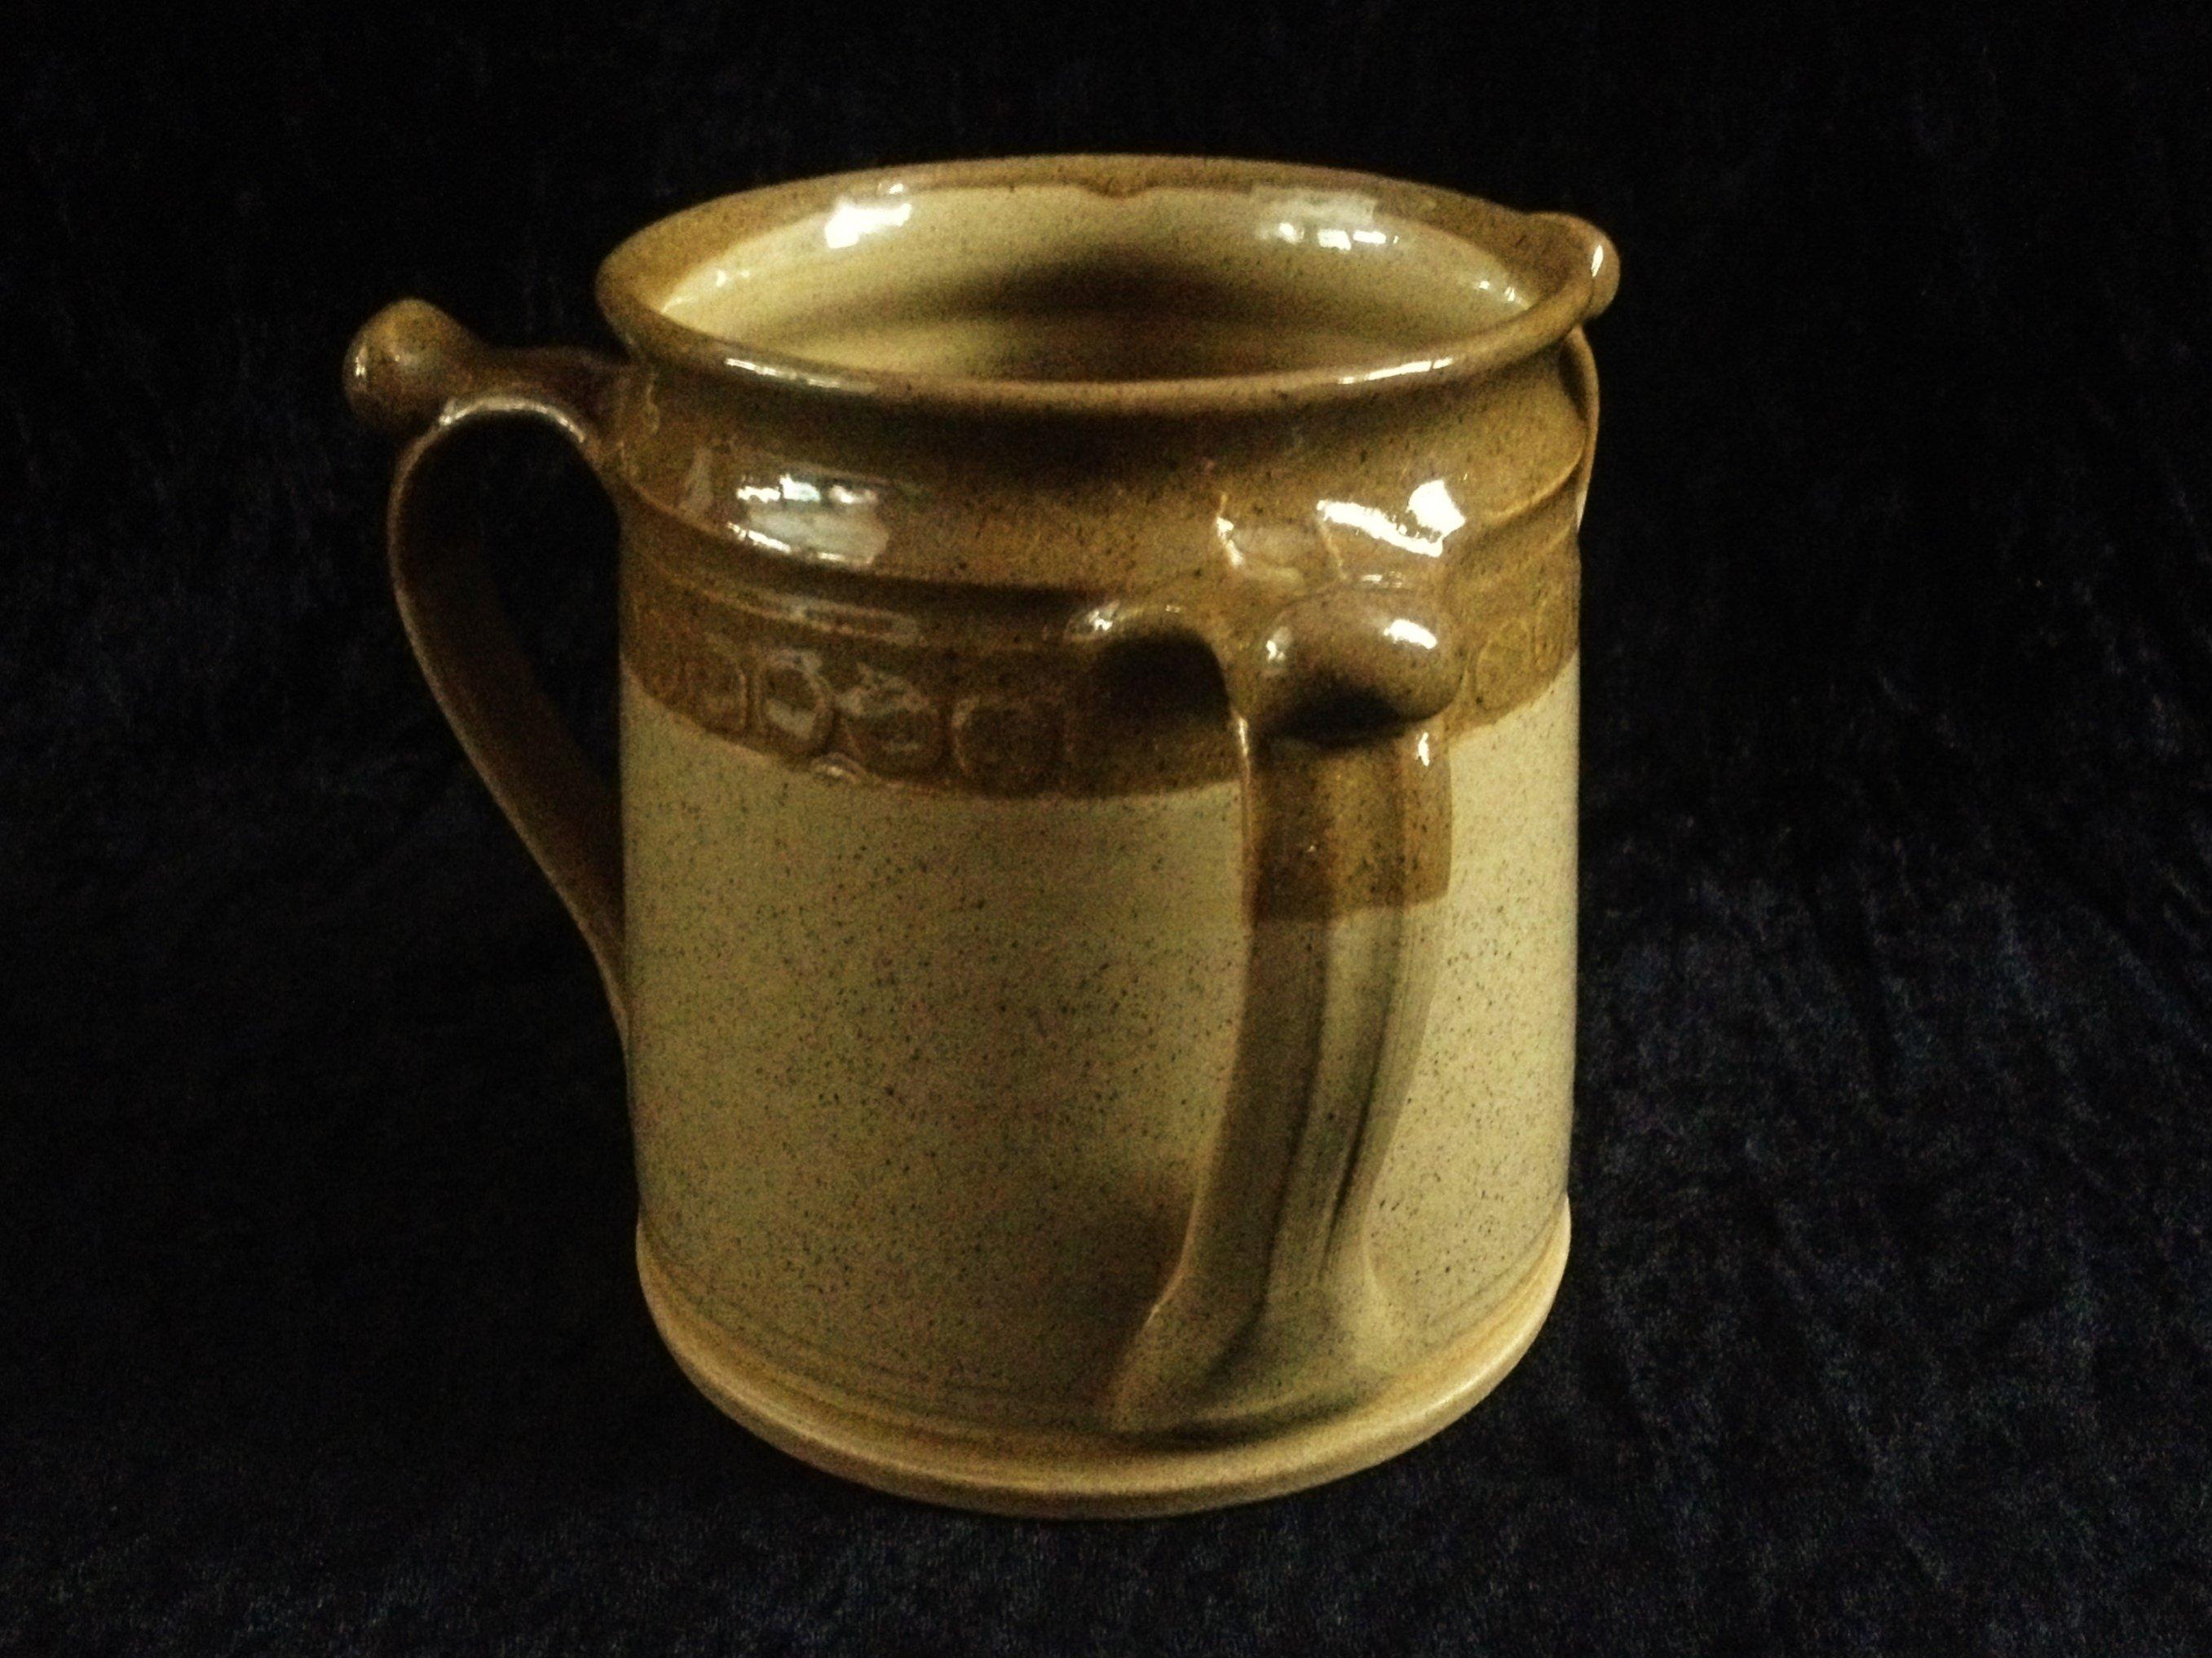 A wassail cup